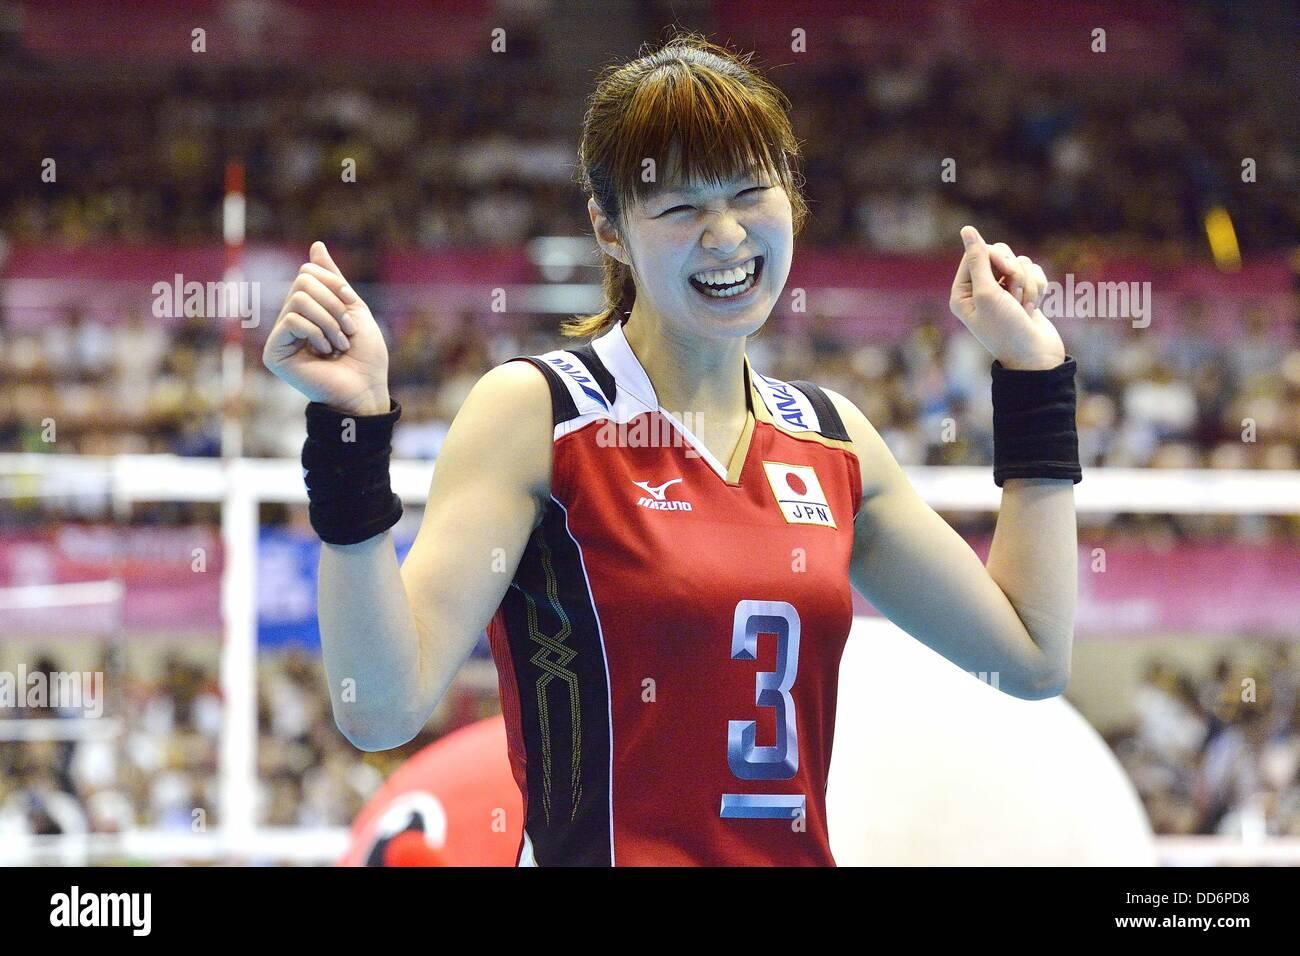 Saori Kimura (JPN), 18 de agosto de 2013 - Voleibol : 2013 FIVB World Grand Prix, Ronda Preliminar la semana 3 Piscina M coinciden con Japón 3-2 República Checa en el gimnasio de Sendai en Sendai, Miyagi, Japón. (Foto por Ryu Makino/AFLO) Foto de stock